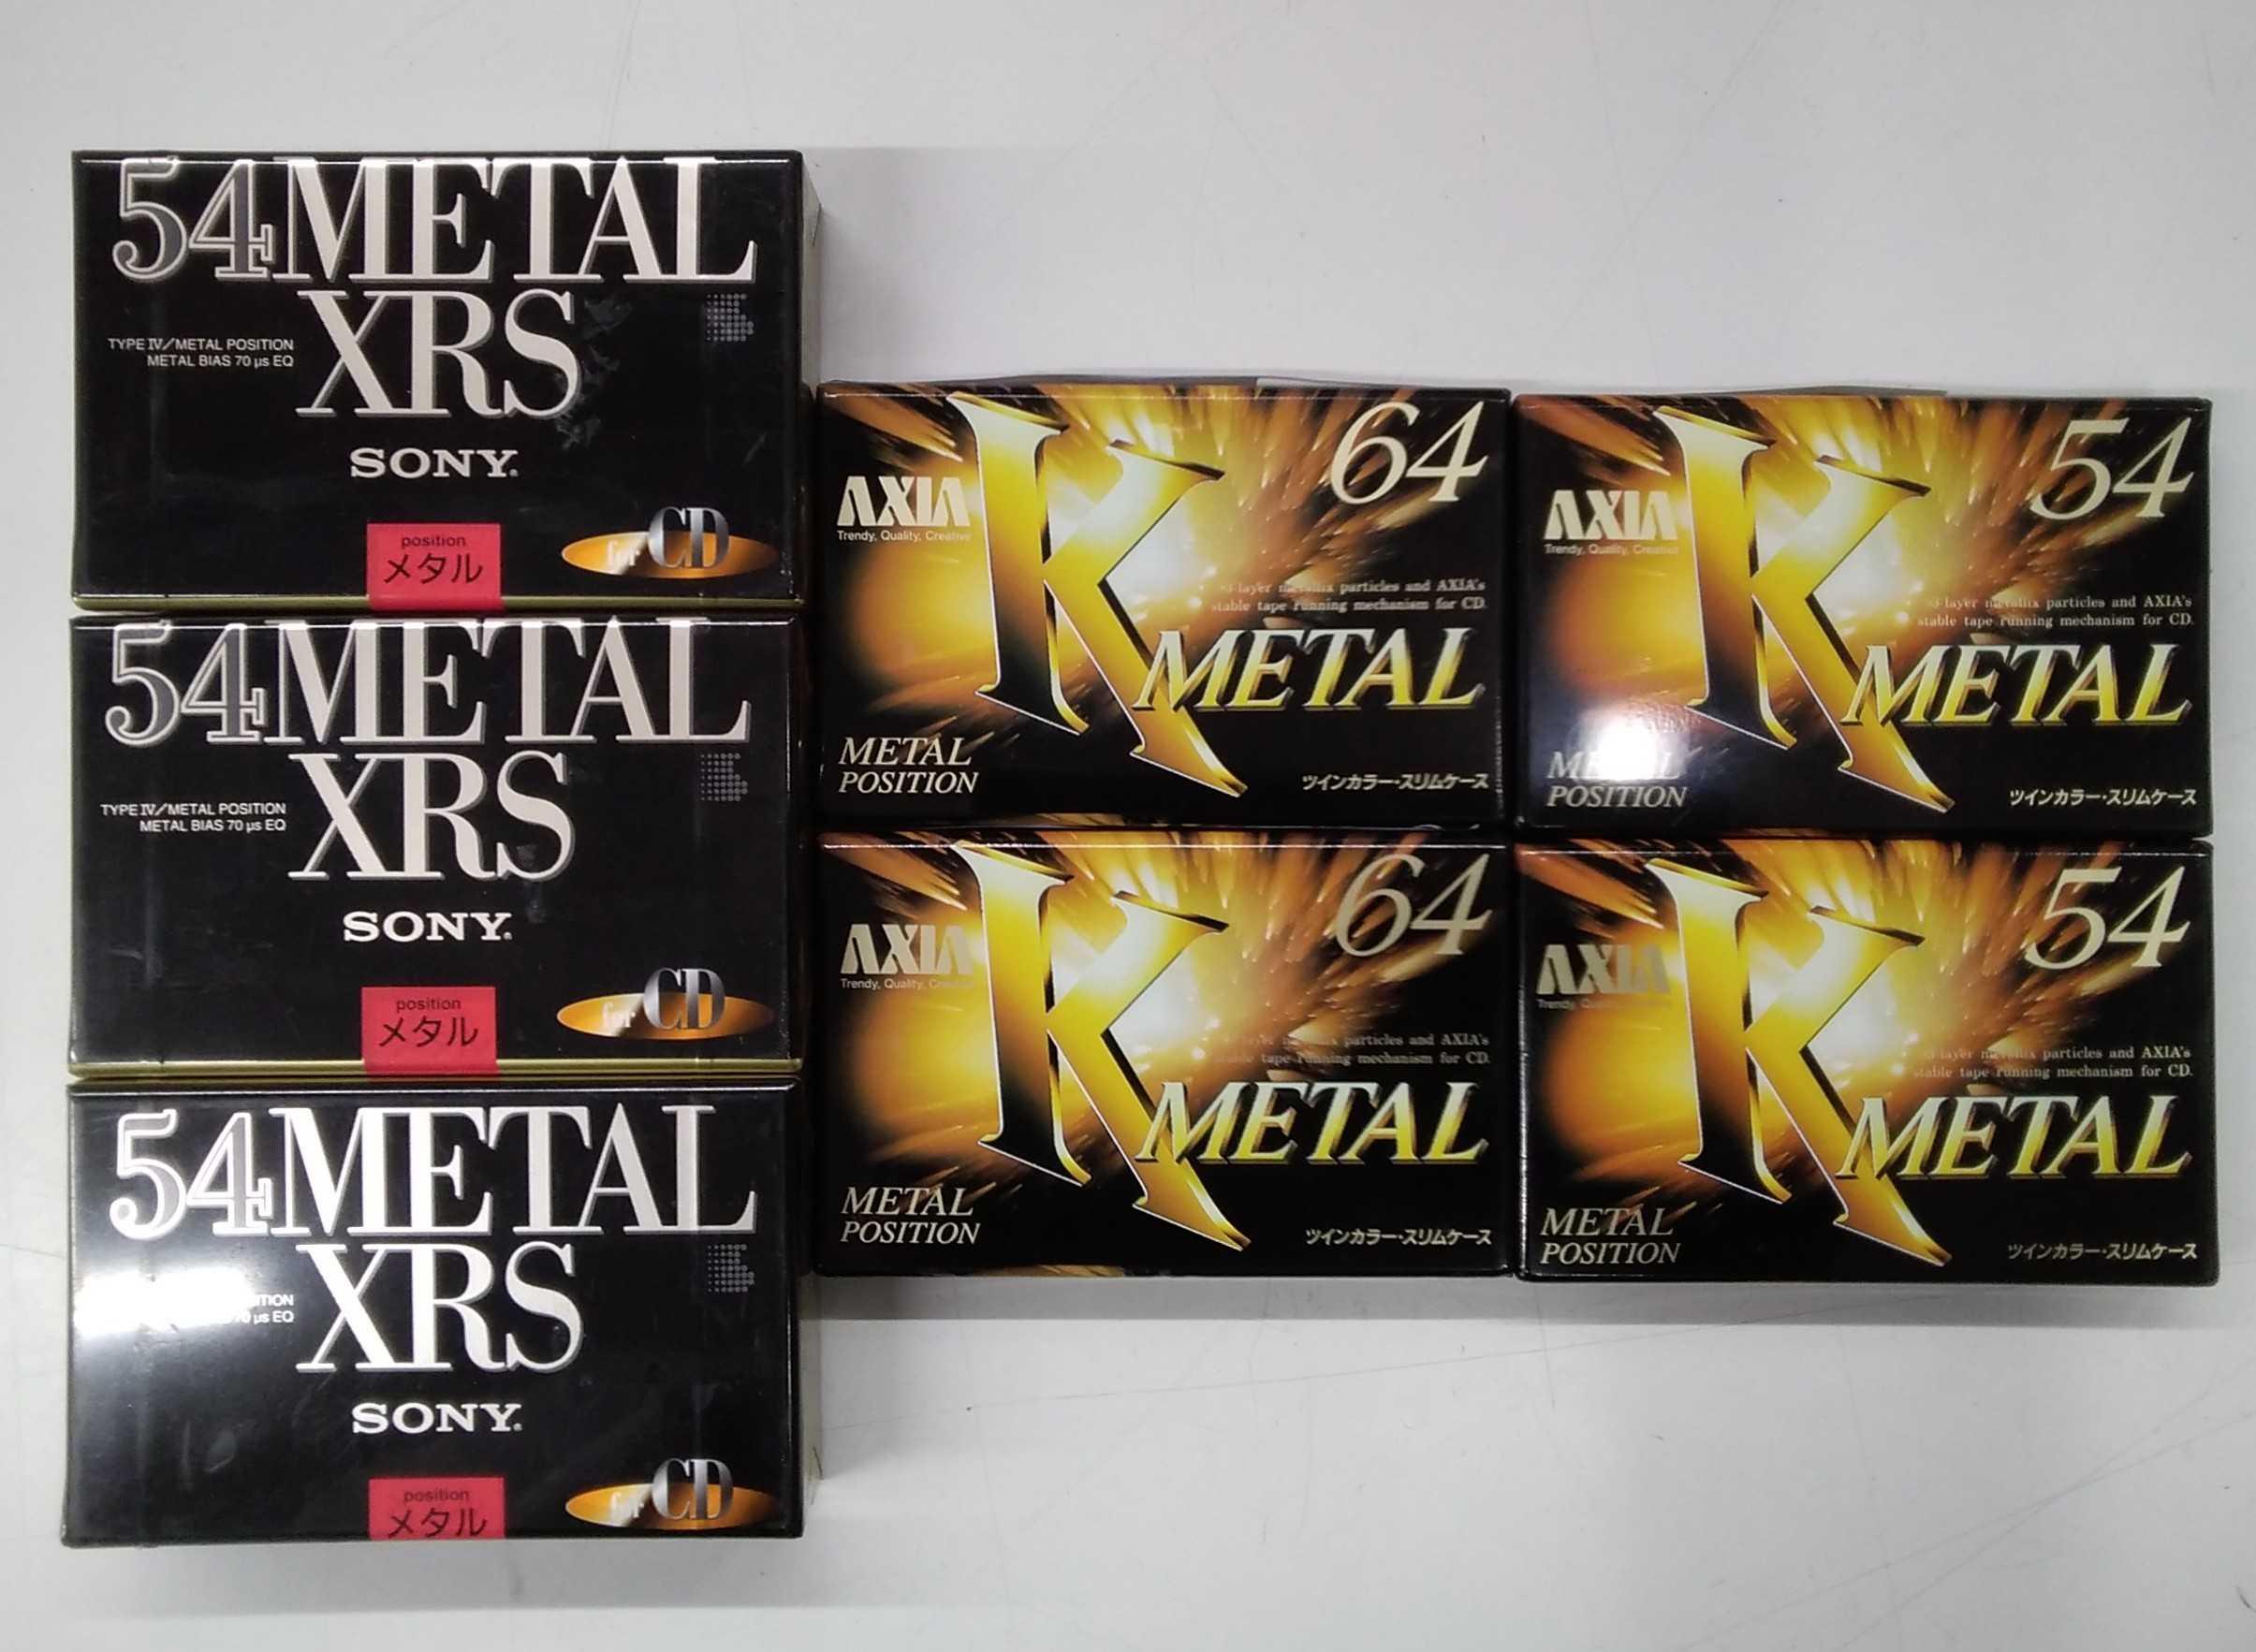 カセットテープセット|SONY,AXIA